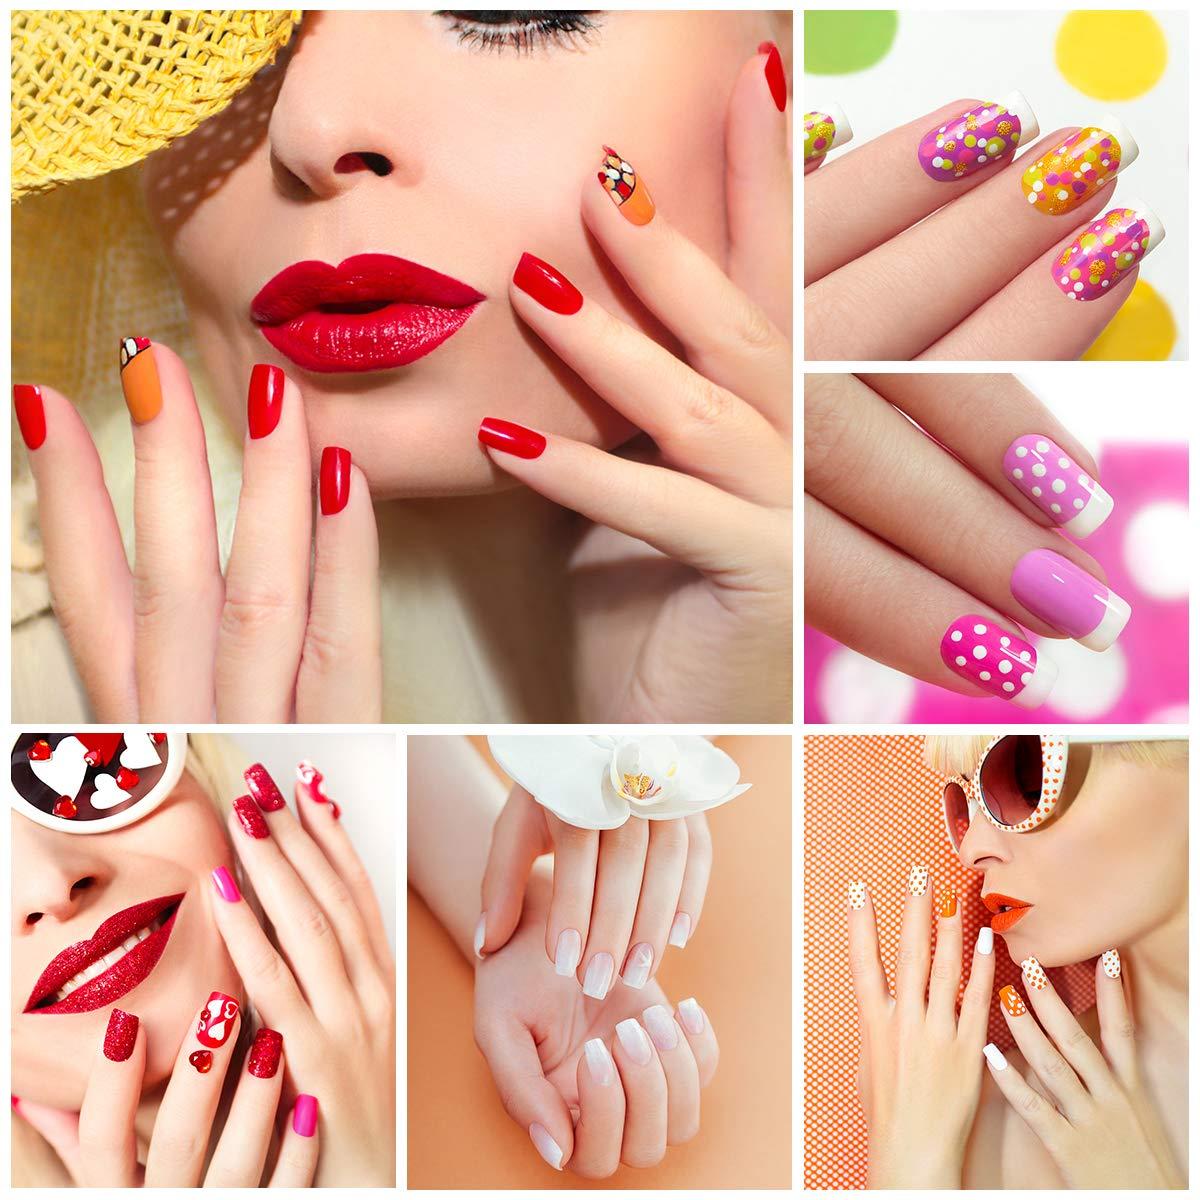 Fake Nail Tips French Nail Tips Half Cover Fake Toenails Natural Color Artificial Nail Art Supplies Nail Art Tips 500pcs